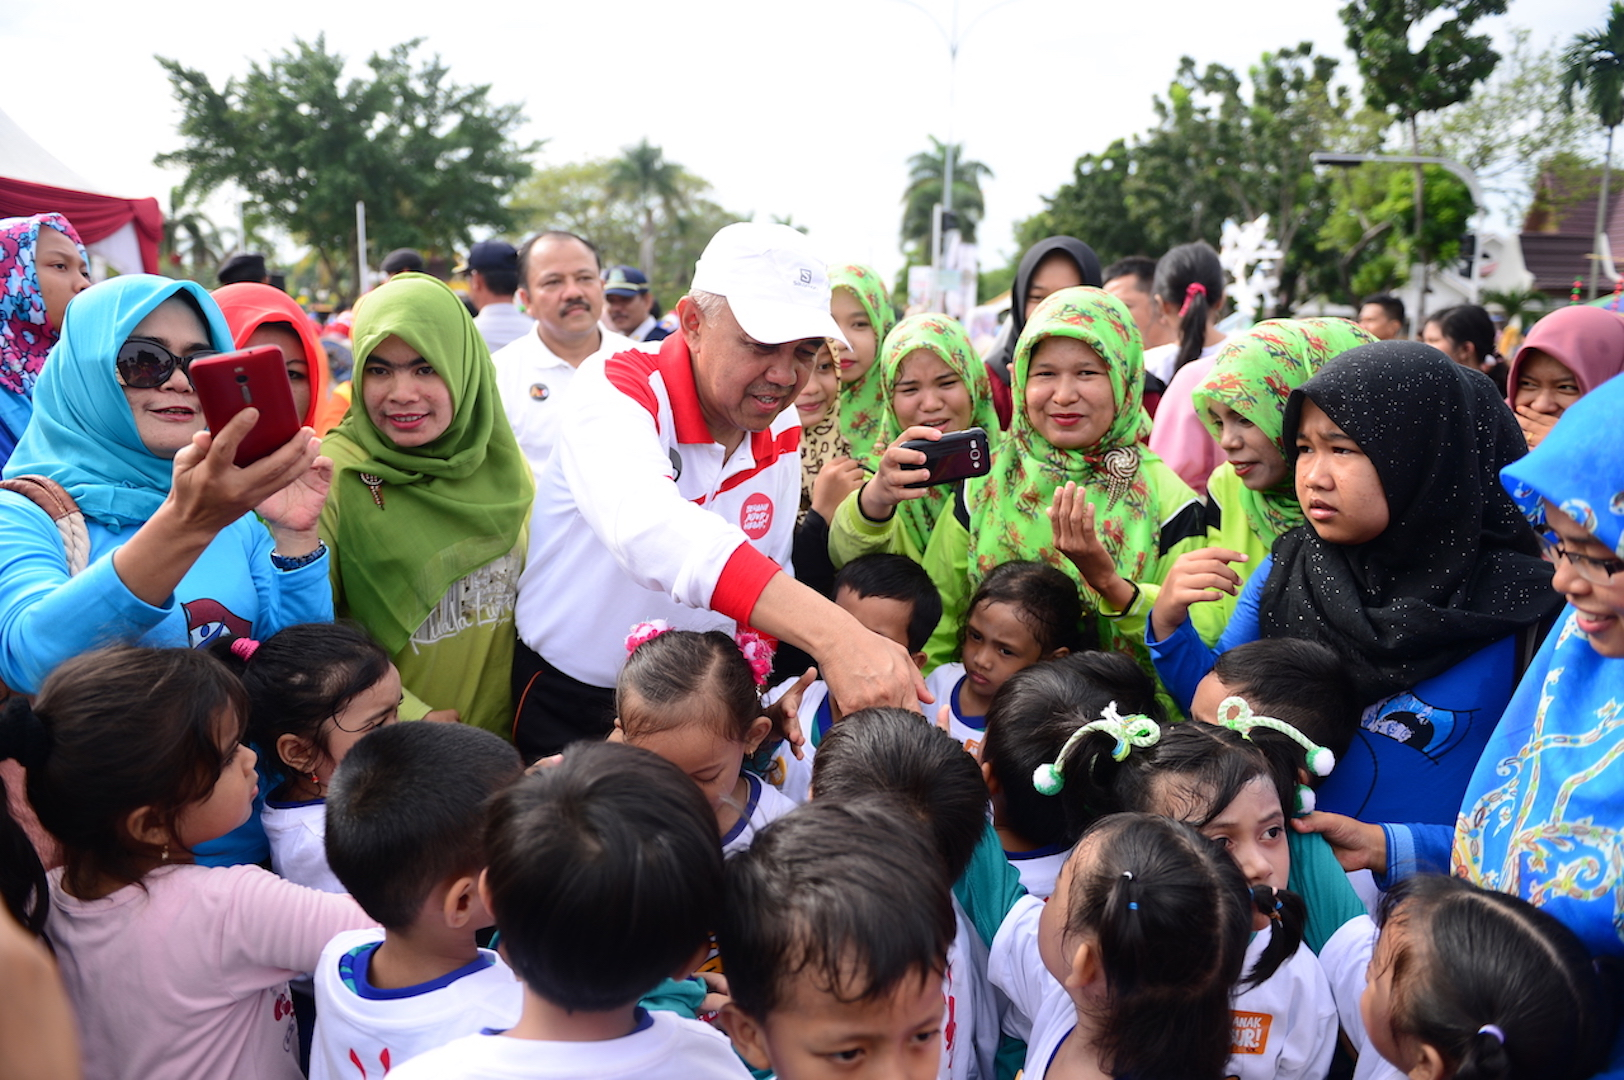 Gubri menyalami anak saat ikuti Senam Anak Jujur dalam Rangka Festival HAKI Bidang Pendidikan di CFD Jl Diponegoro